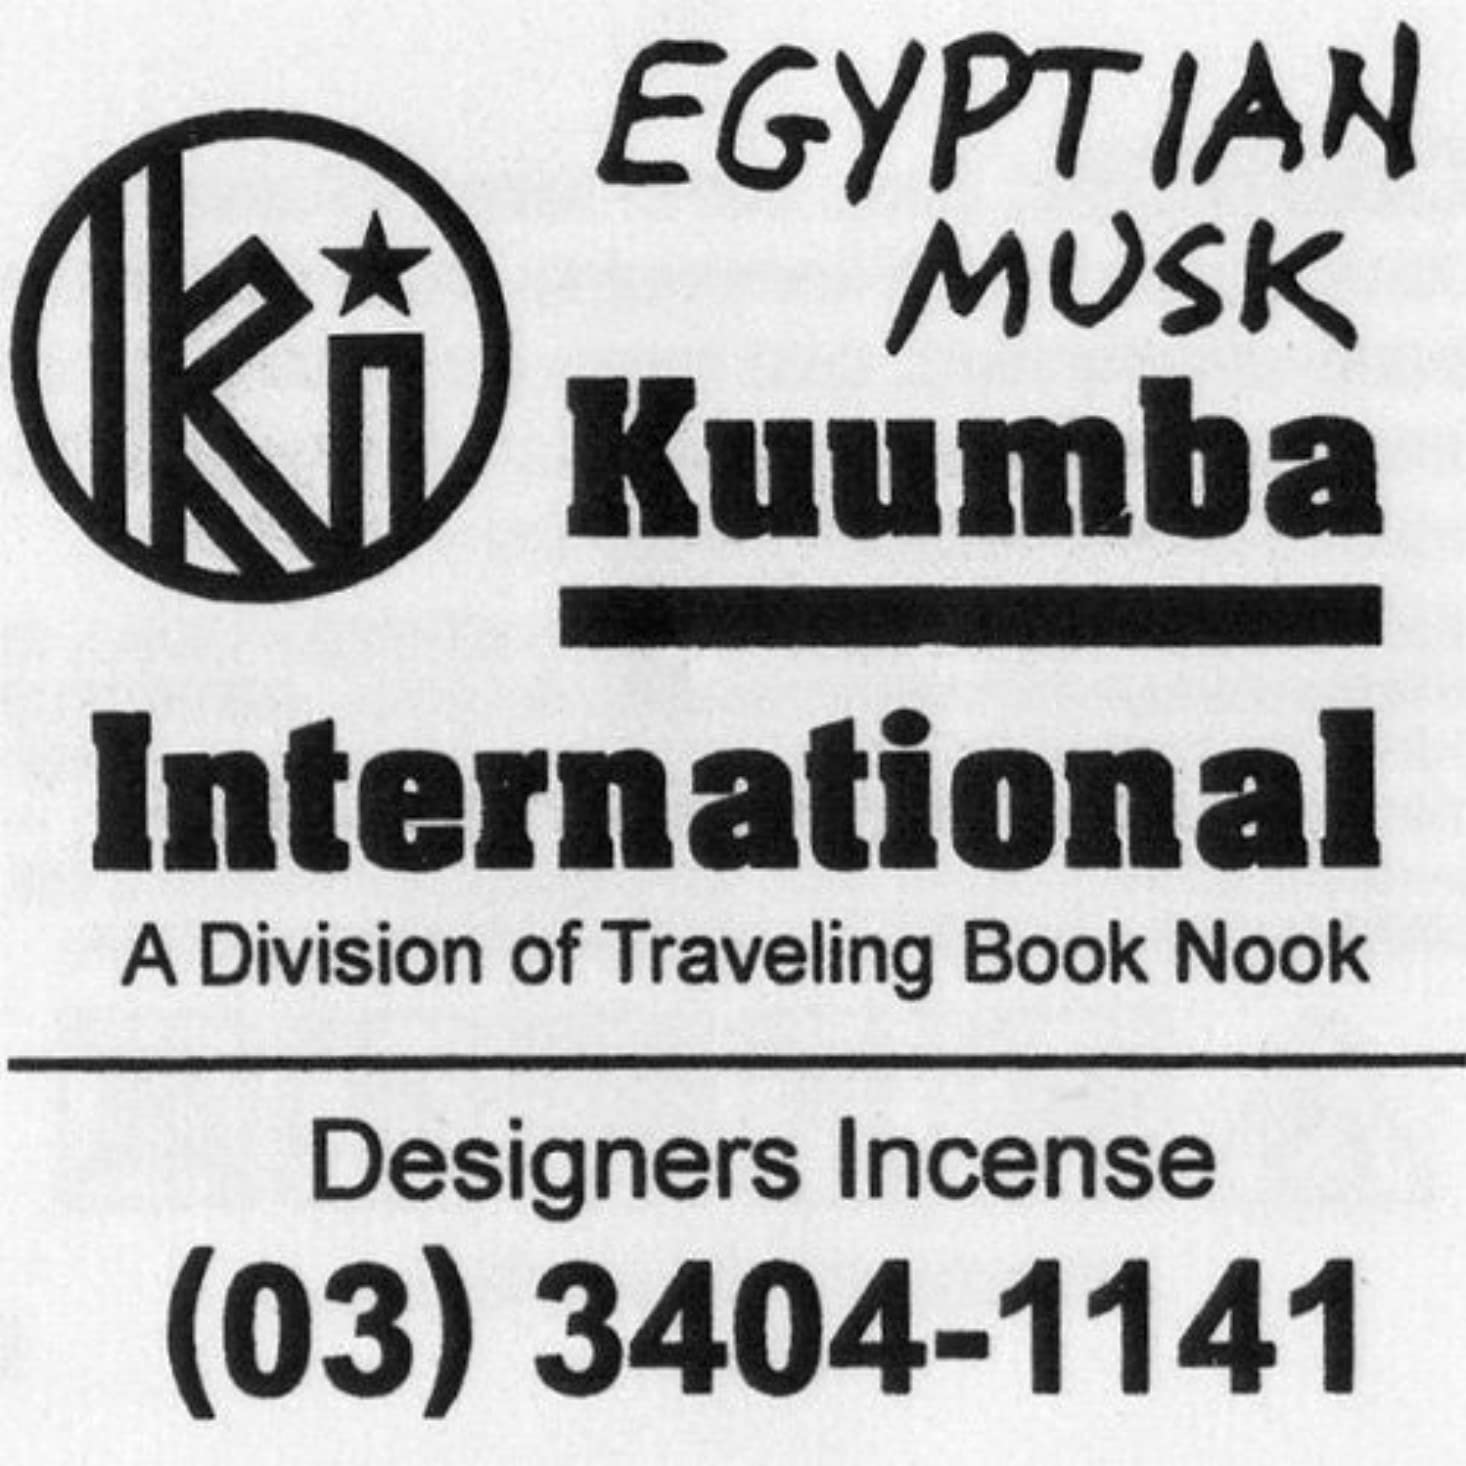 きらめくスカリー巨人KUUMBA / クンバ『incense』(EGYPTIAN MUSK) (Regular size)